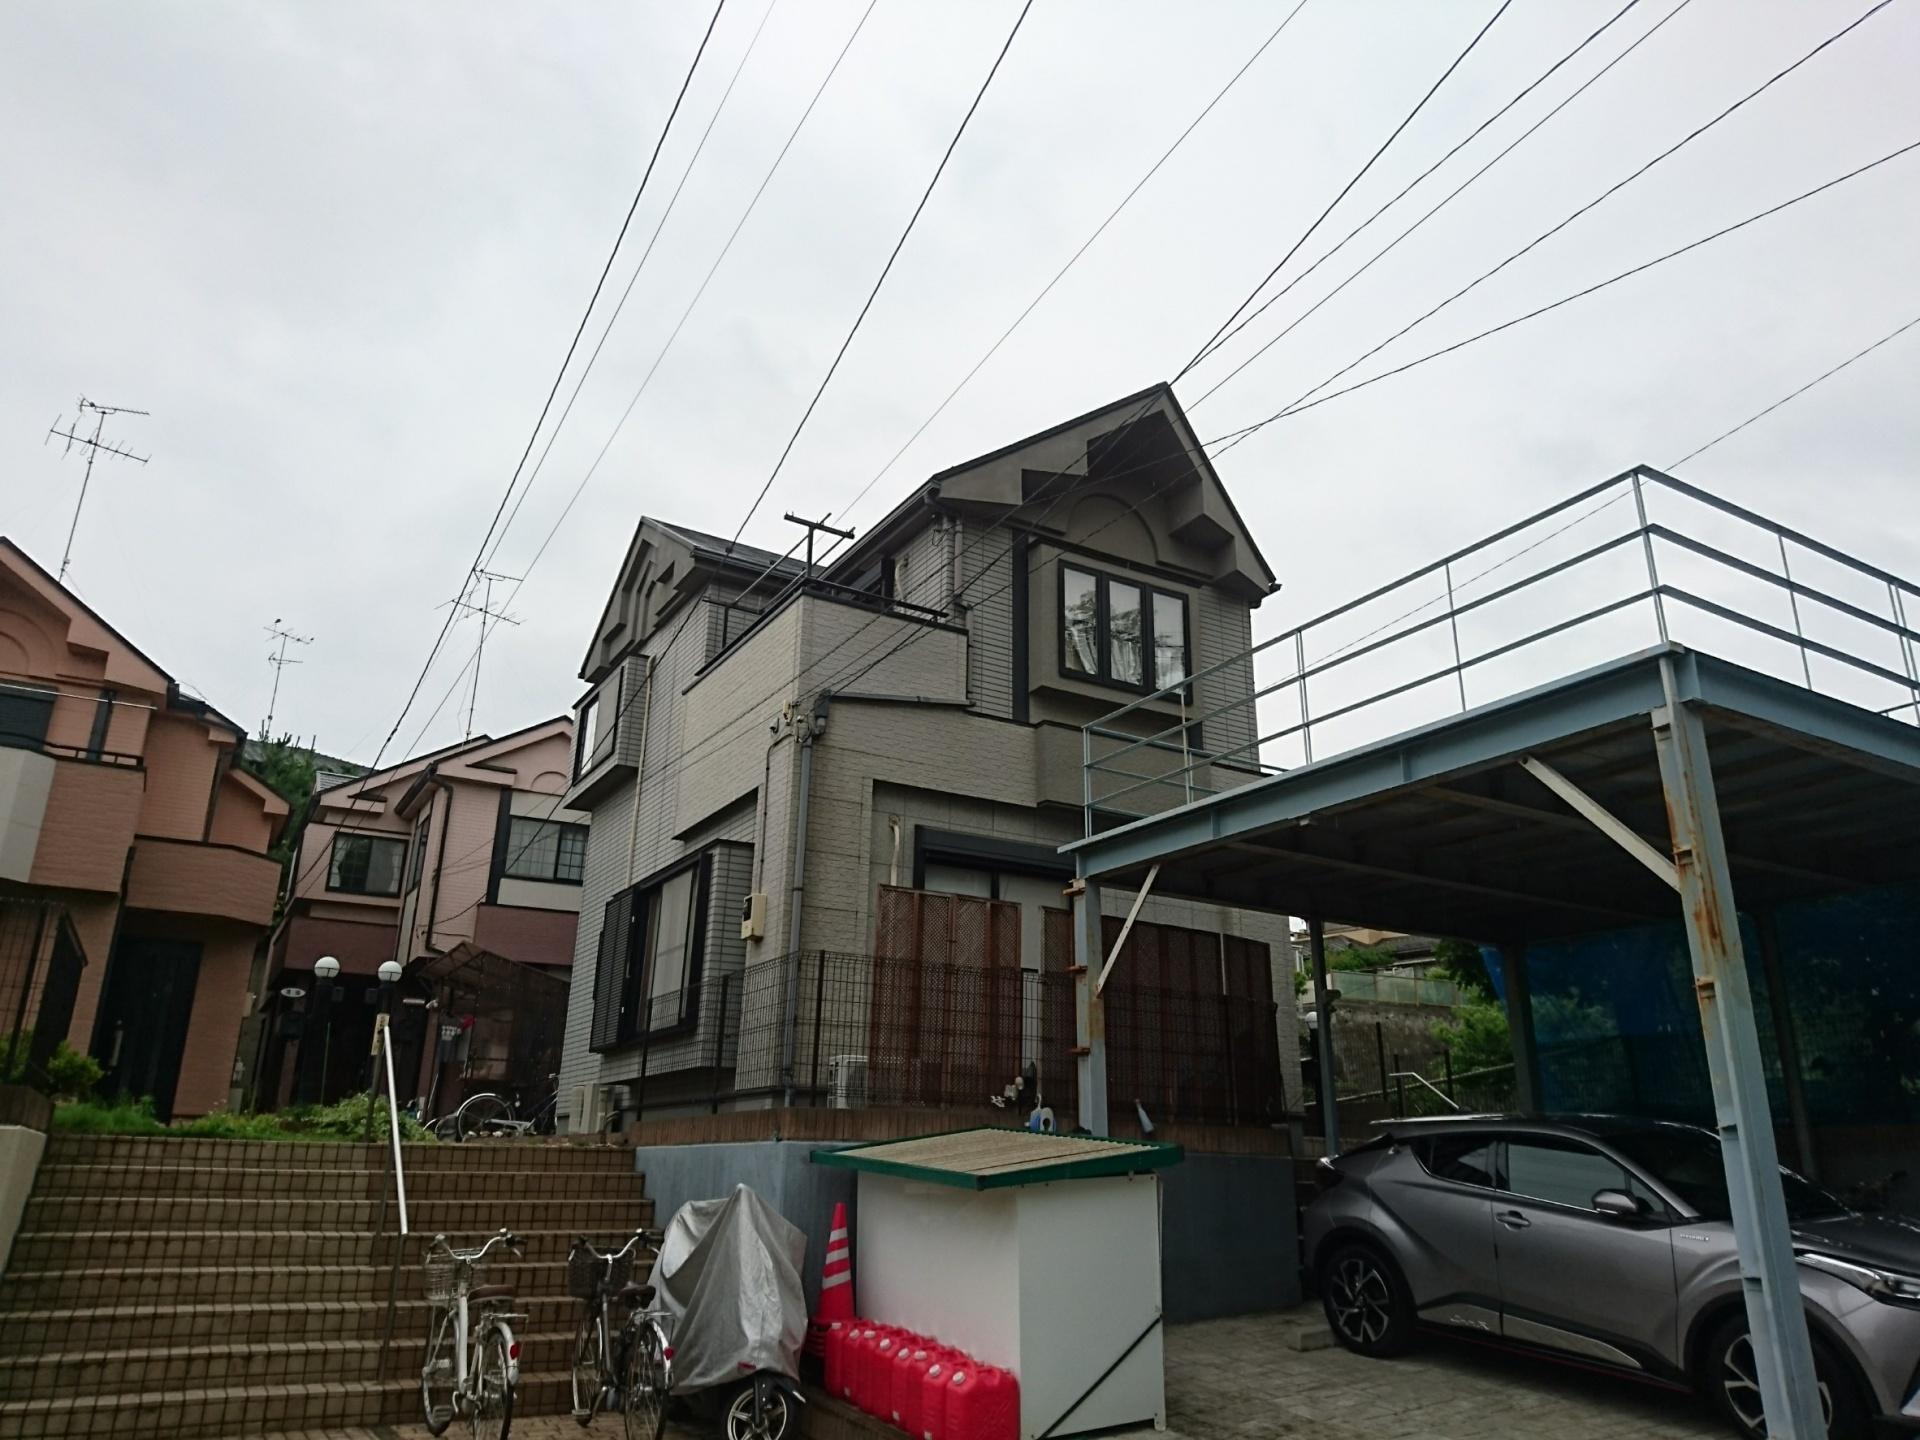 横浜市緑区で築15年目で初めての屋根外壁塗装、サーモアイSiとパーフェクトトップで寒色系から暖色系へイメージチェンジ、施工前写真